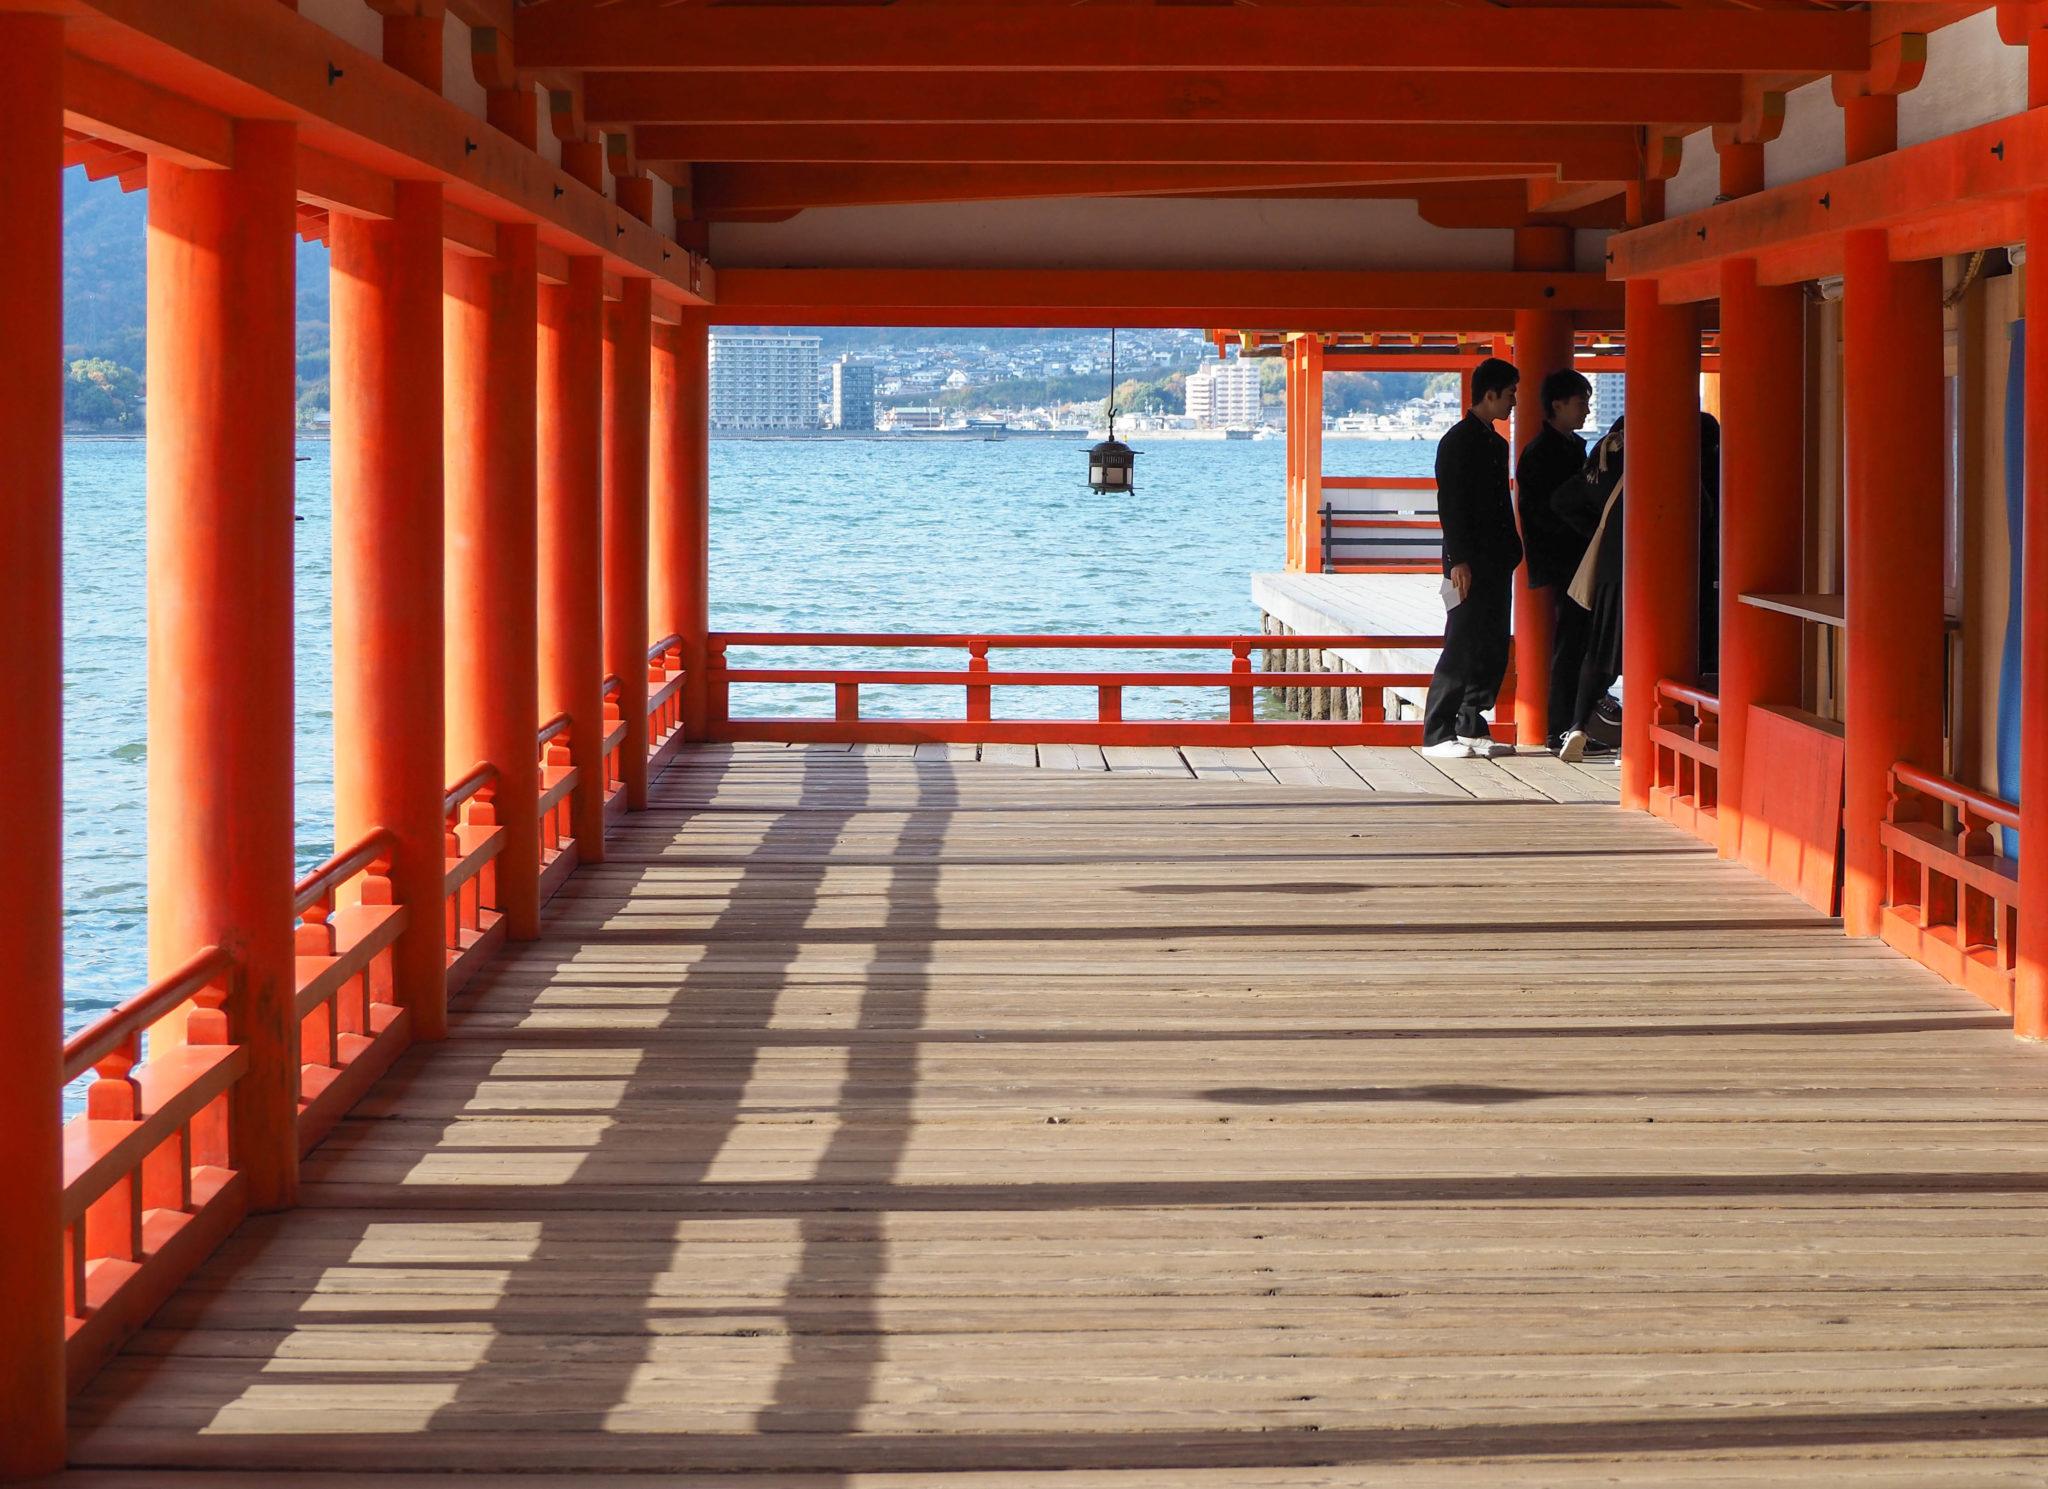 Le sanctuaire Itsukushima à Miyajima - Visiter Miyajima en 2 jours - Japon - Impressions, que faire et que visiter à Miyajima, comment organiser son voyage et où dormir à Miyajima?